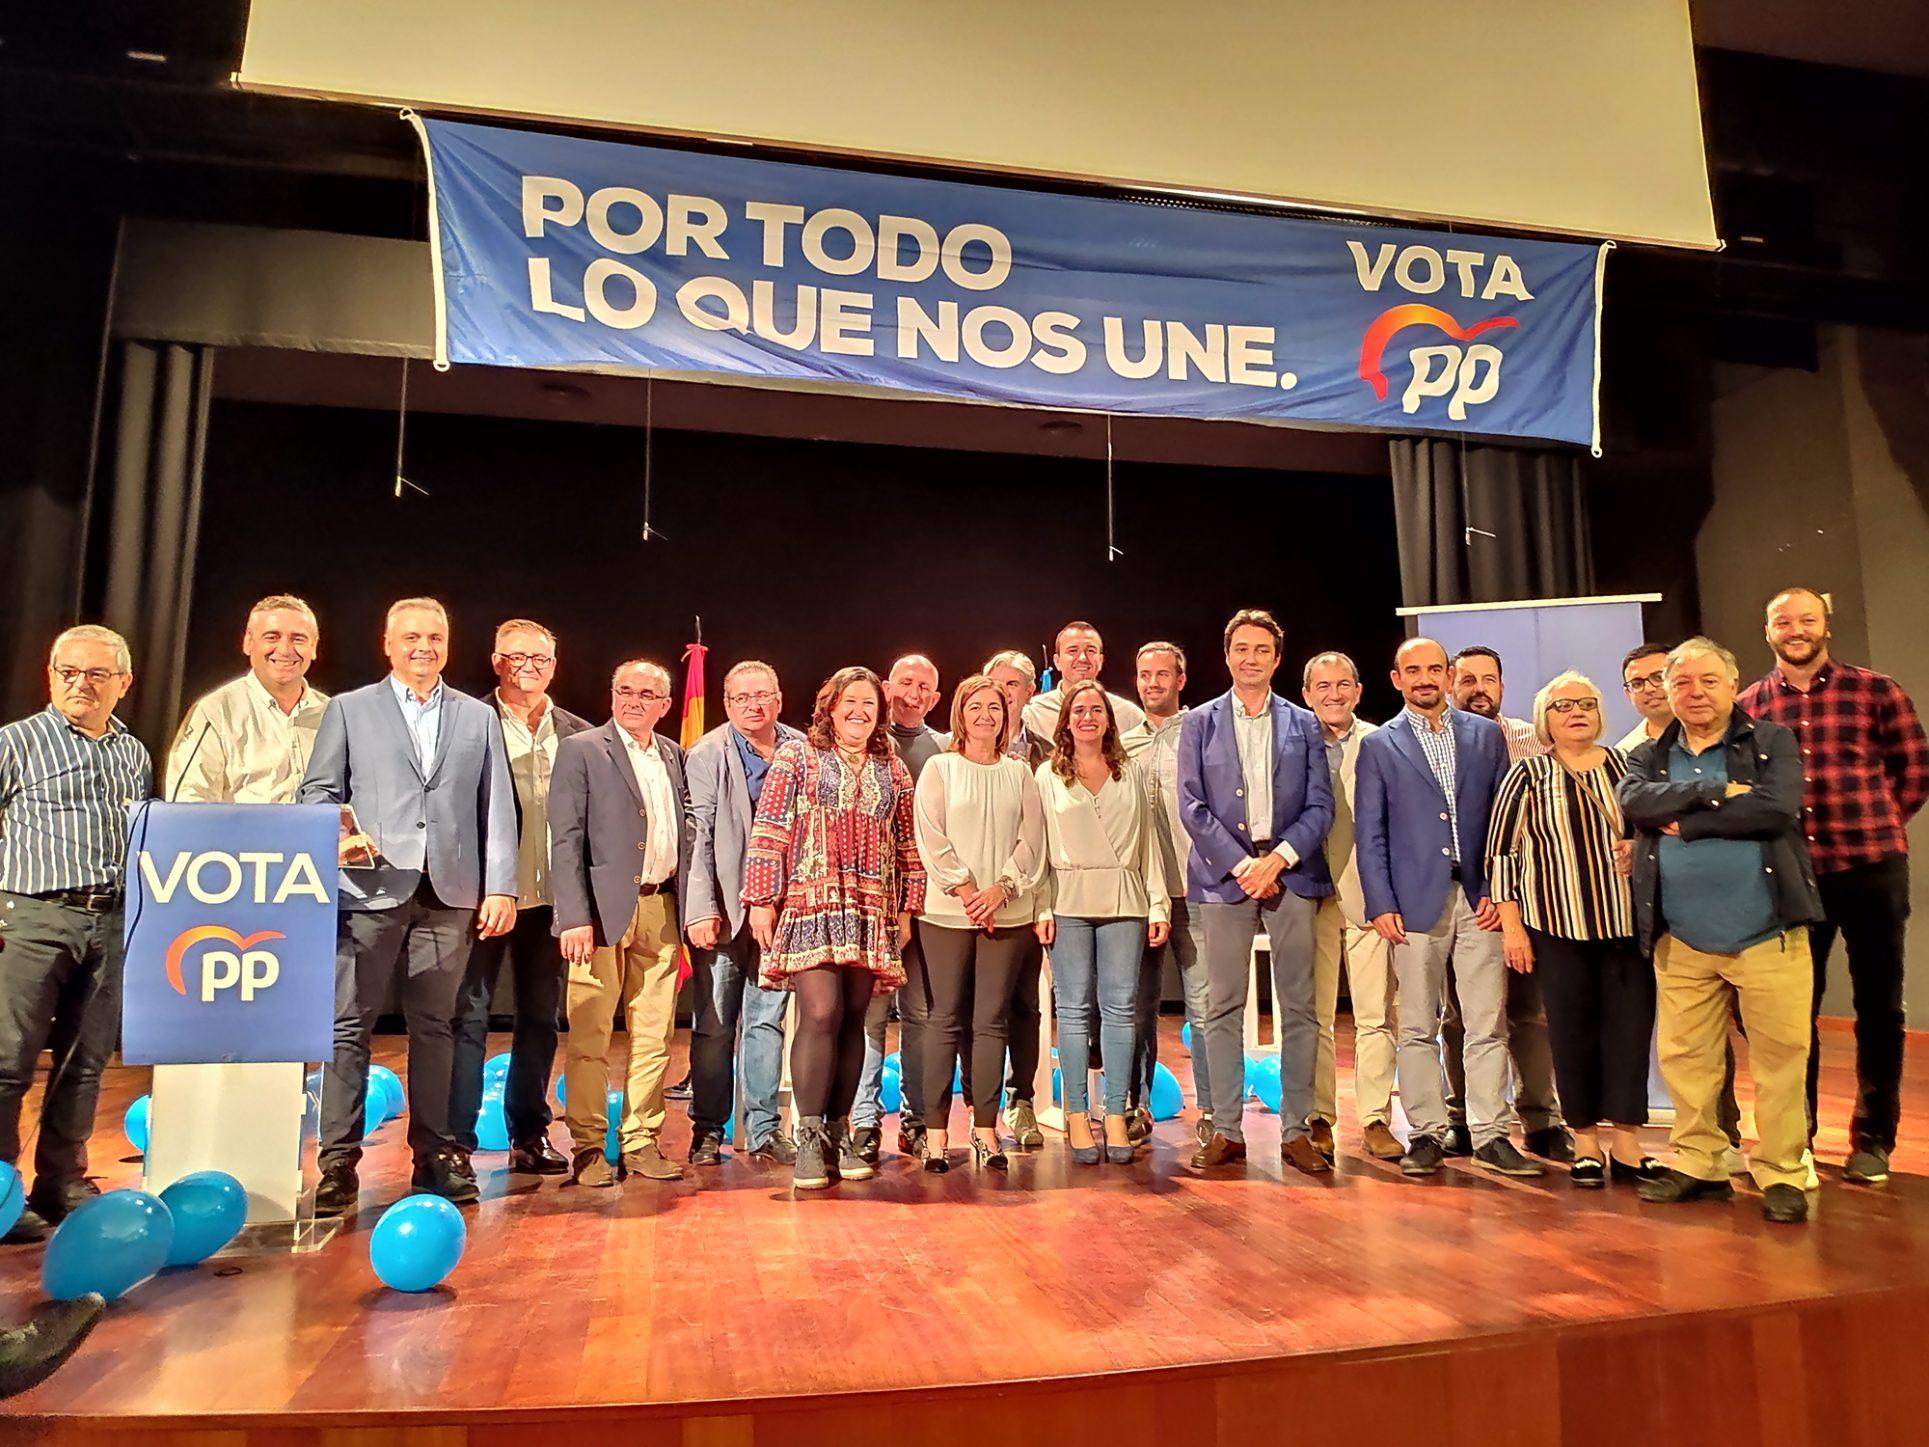 """El PP fa una crida al vot útil del PP per """"desbancar a Sánchez de la Moncloa"""" El Periòdic d'Ontinyent - Noticies a Ontinyent"""